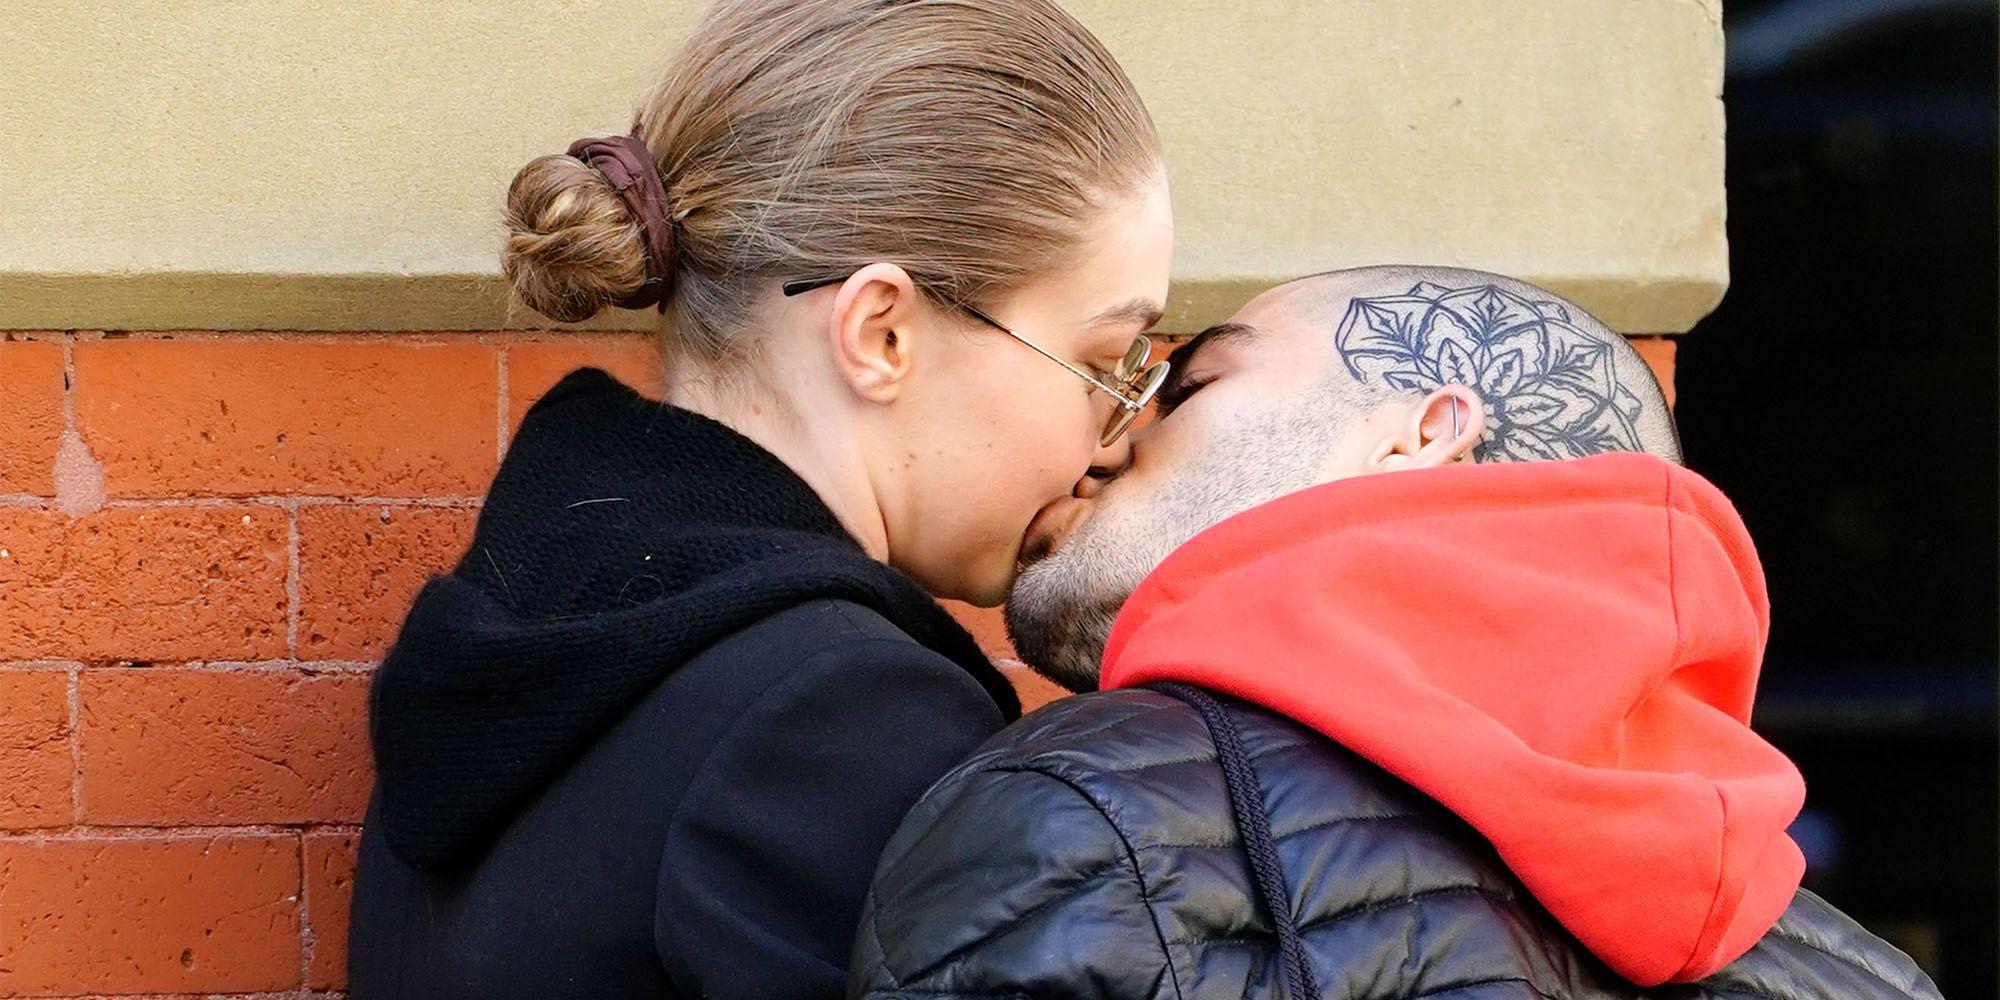 Gigi Hadid And Zayn Malik Were Just Seen Kissing In Public